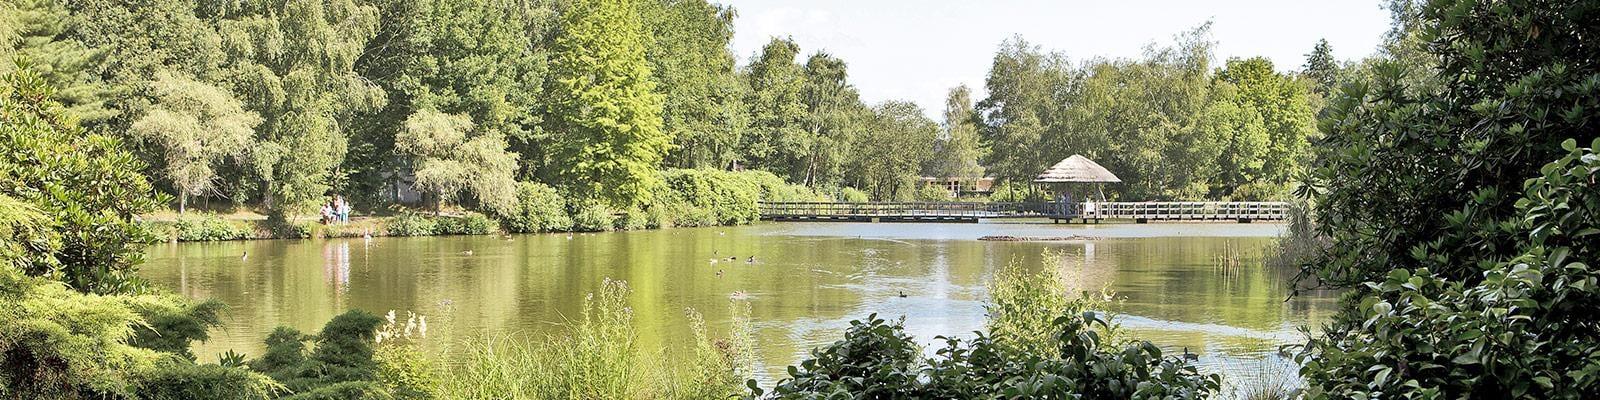 Limburgse Peel